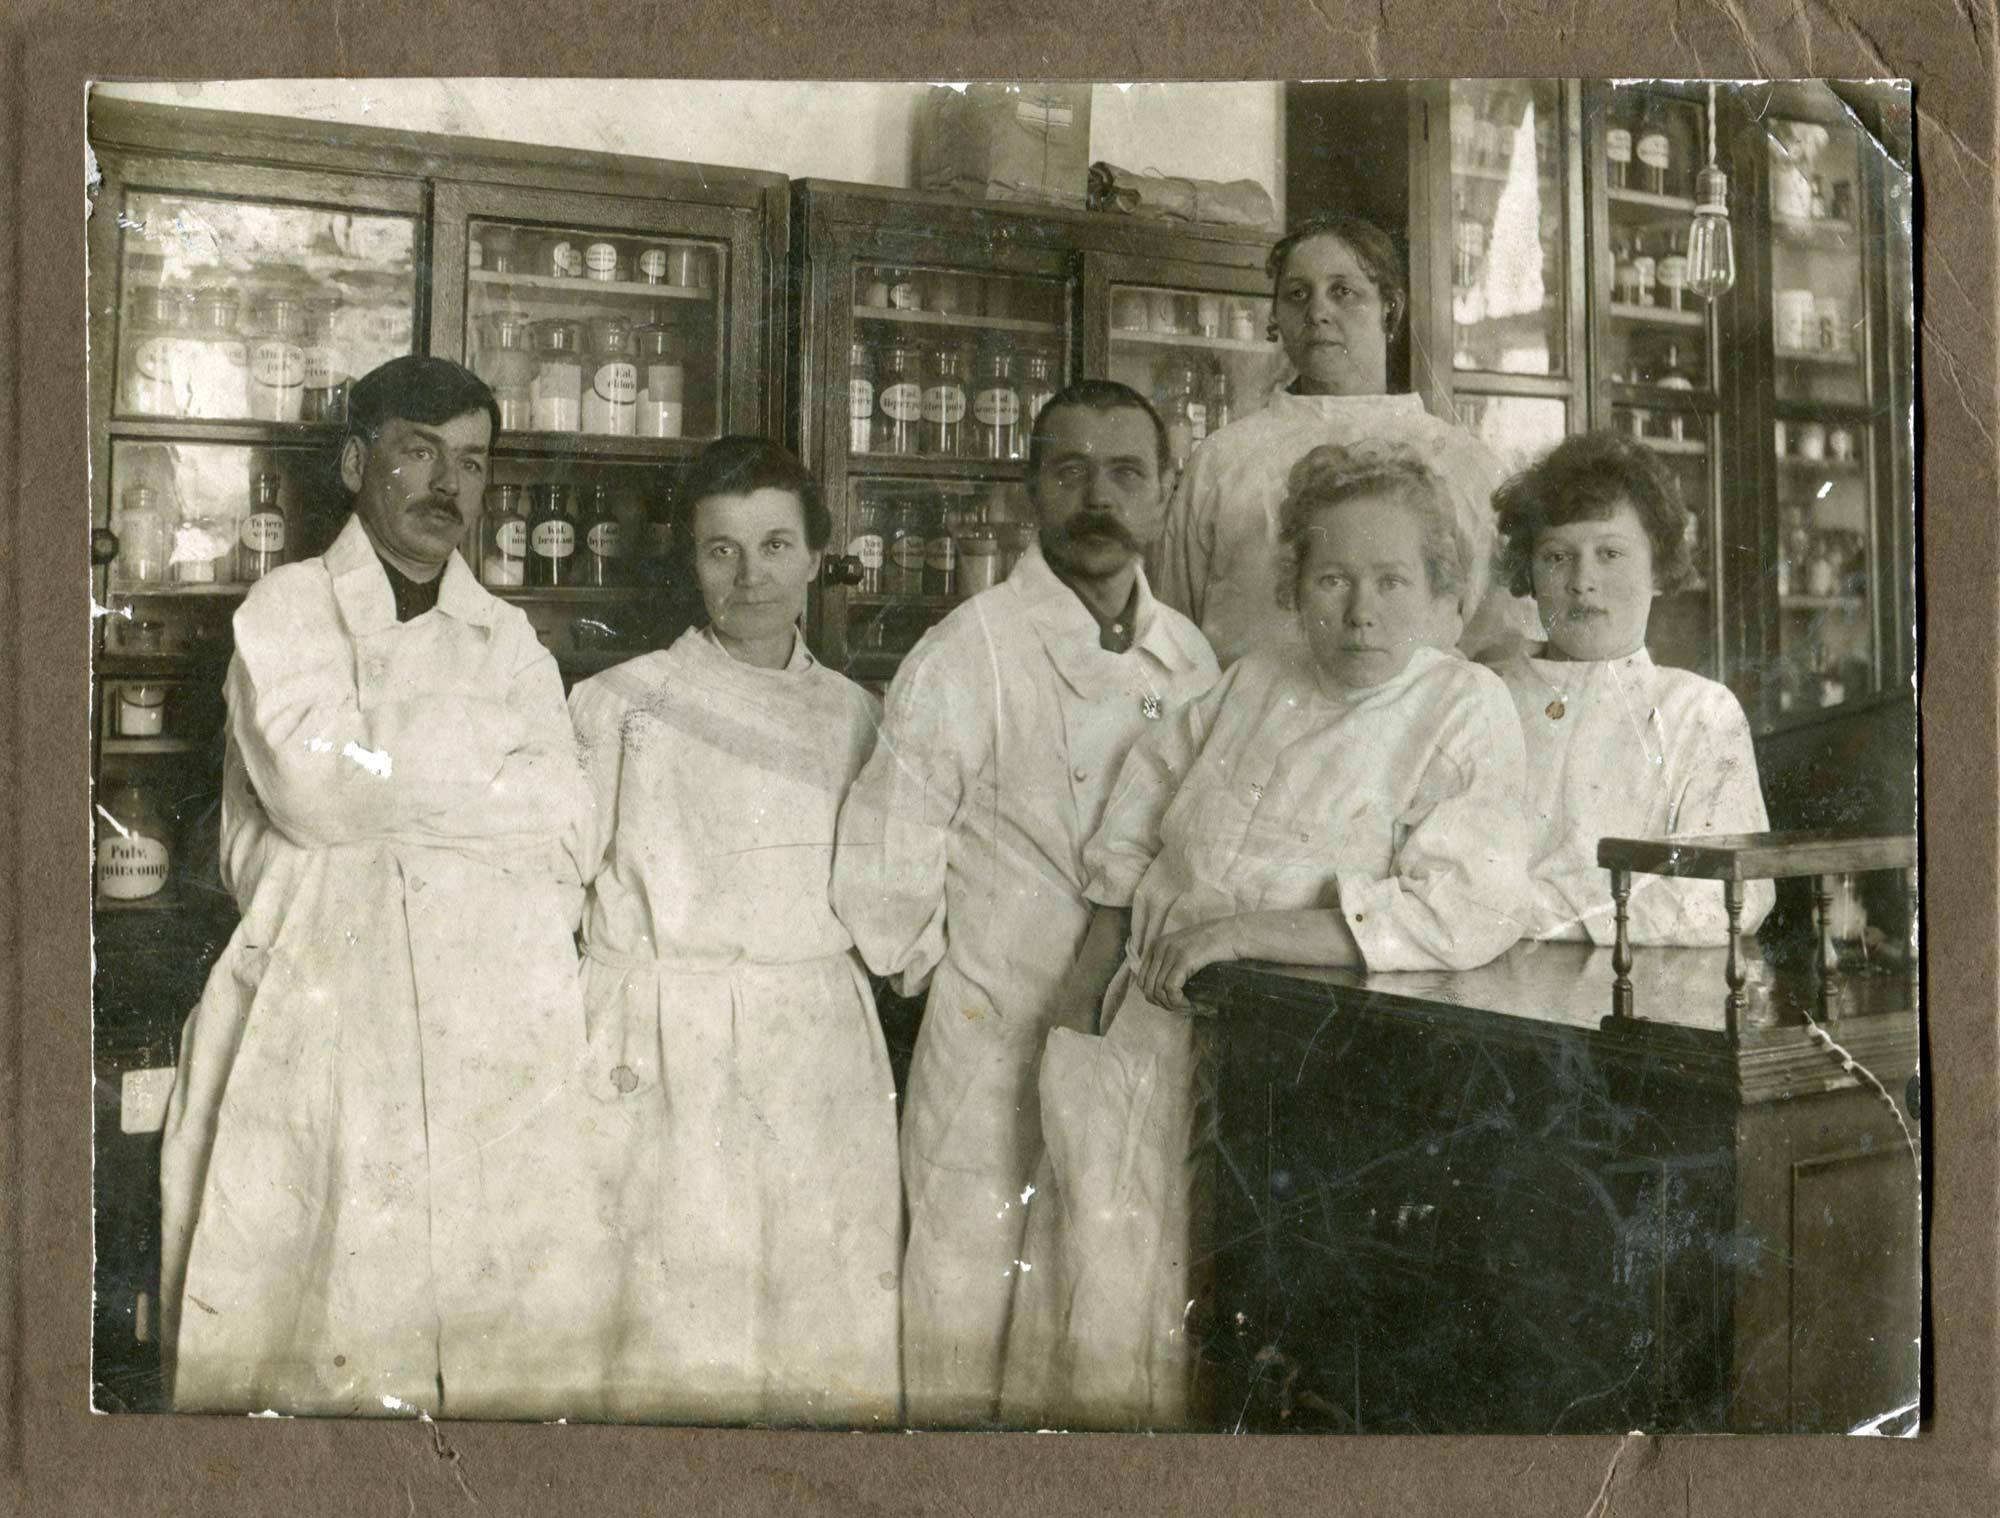 1938. Станция Балезино Пермской железной дороги. 27й врачебный участок